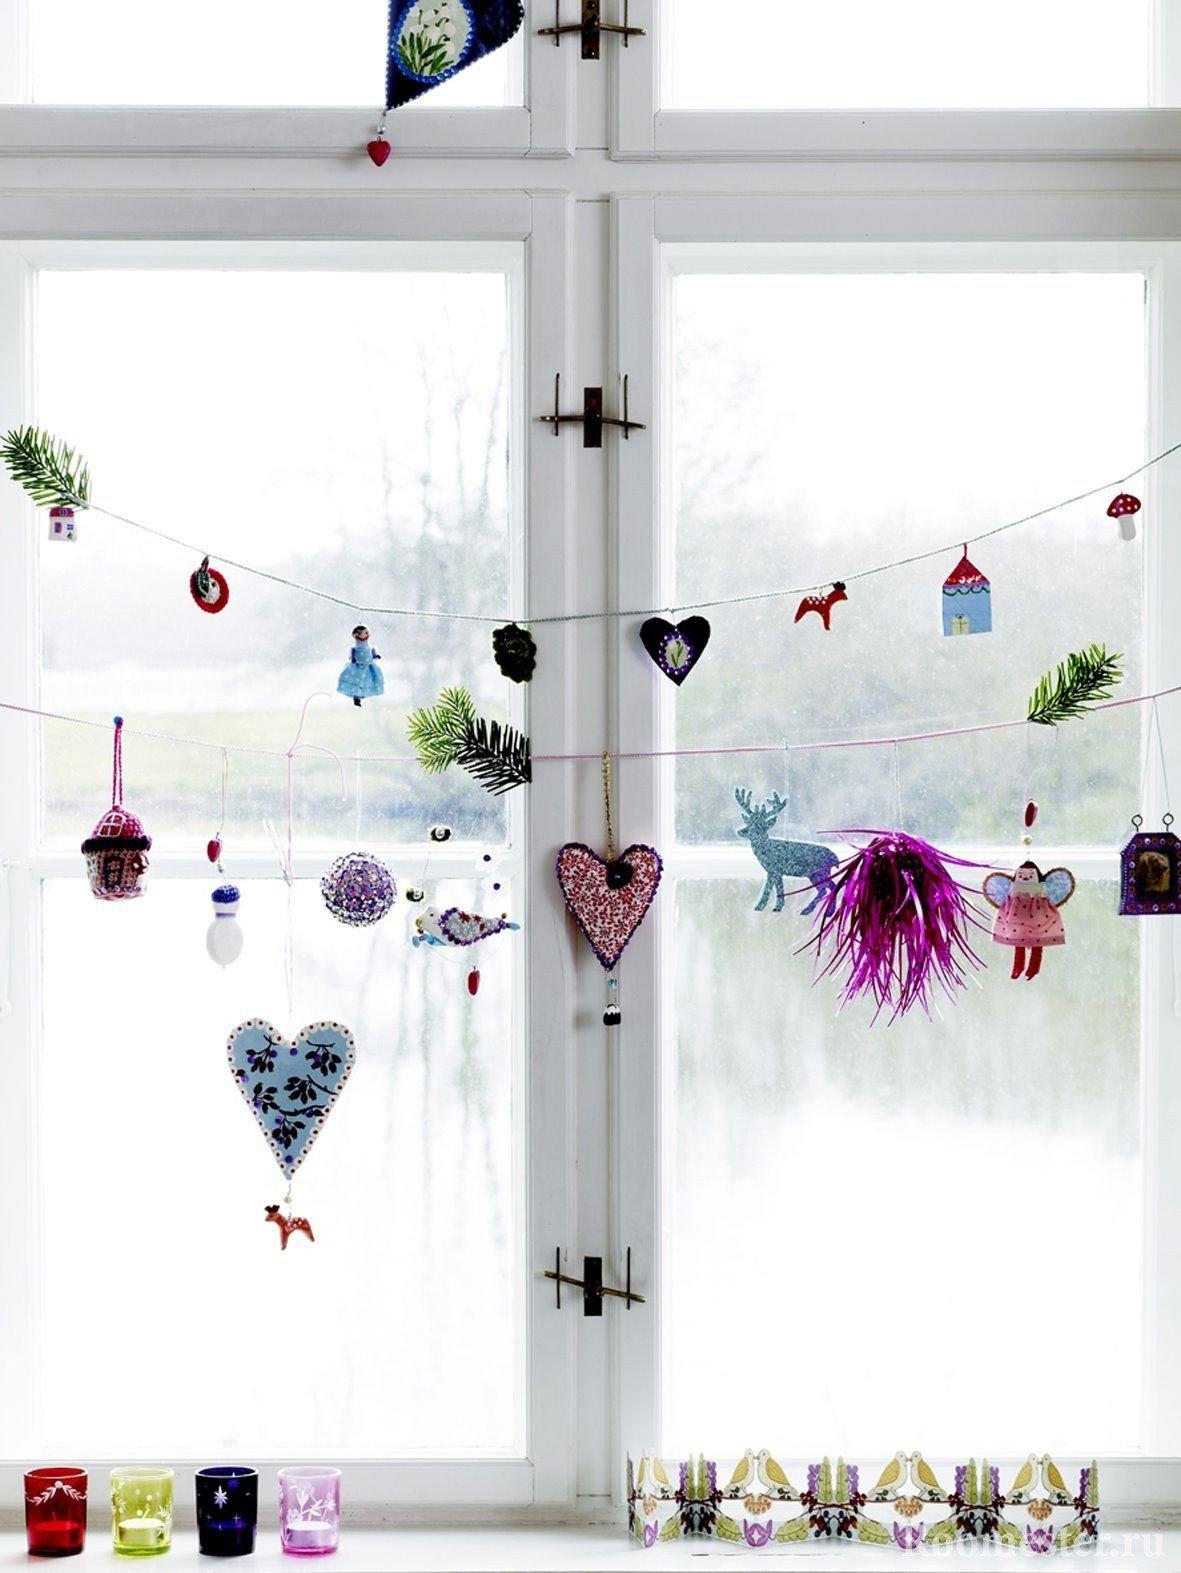 Украшения на окне